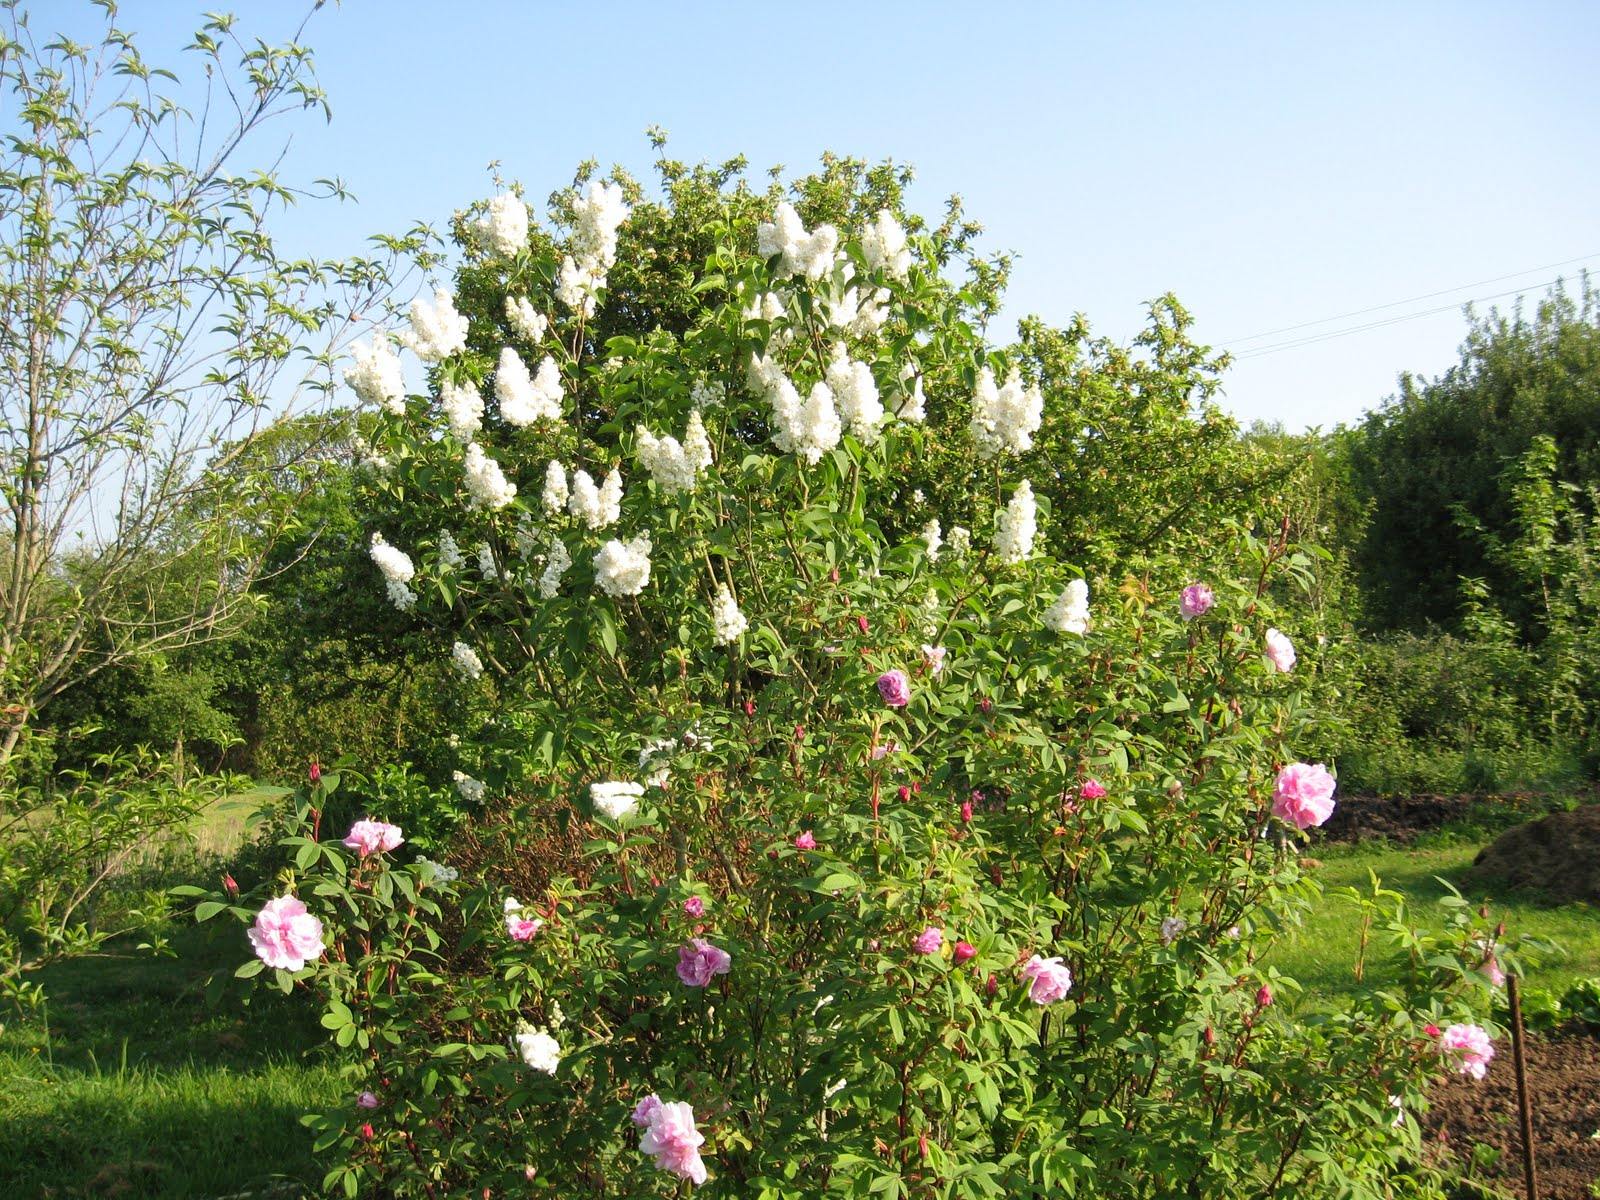 Le jardin de nachu sur le march - Puceron rosier savon noir ...